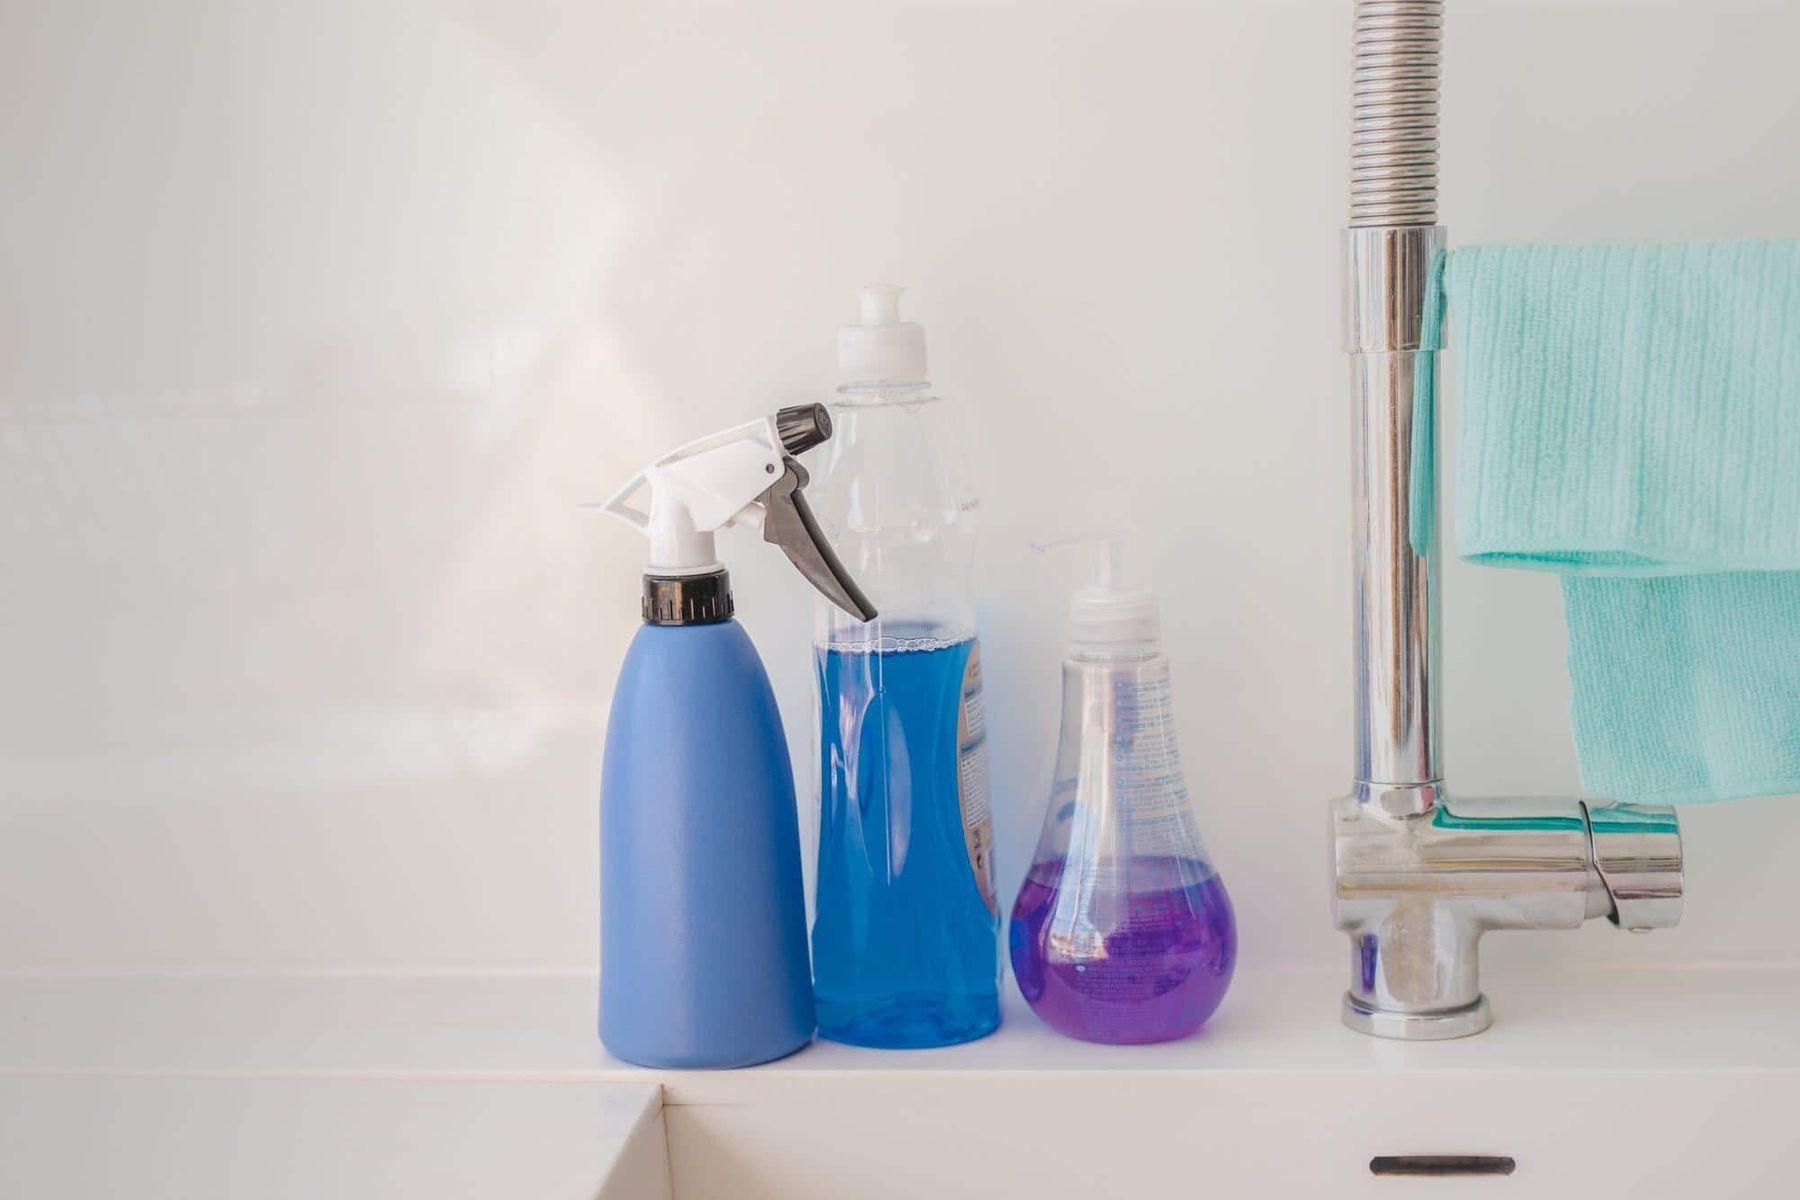 butelki z produktami czyszczącymi na blacie kuchennym